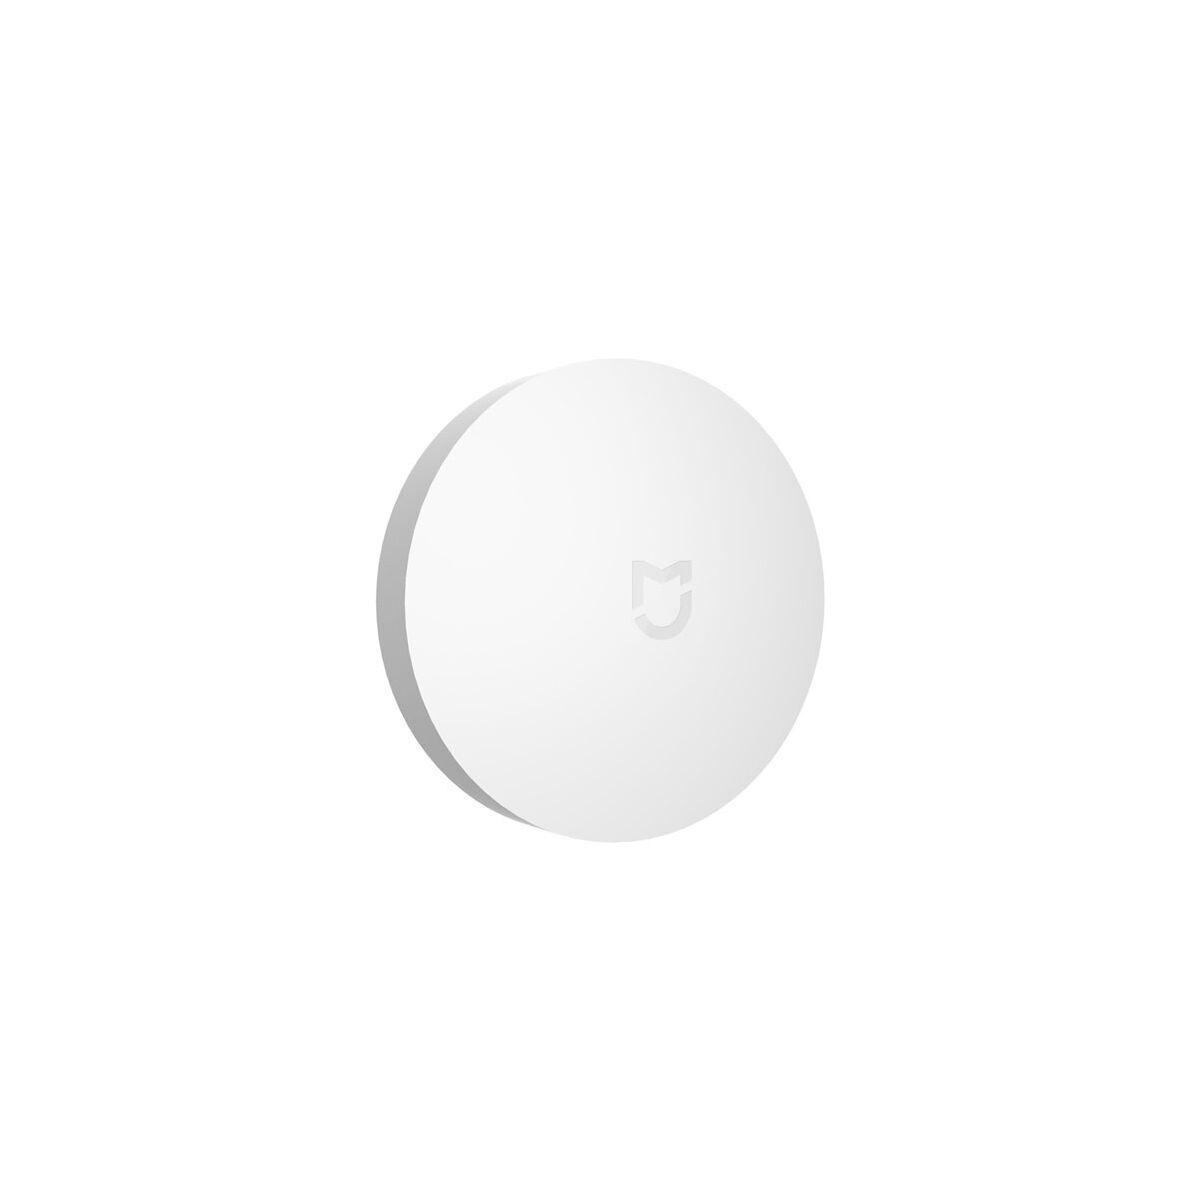 Xiaomi Wireless Switch, okos kapcsológomb fehér, EU, YTC4040GL